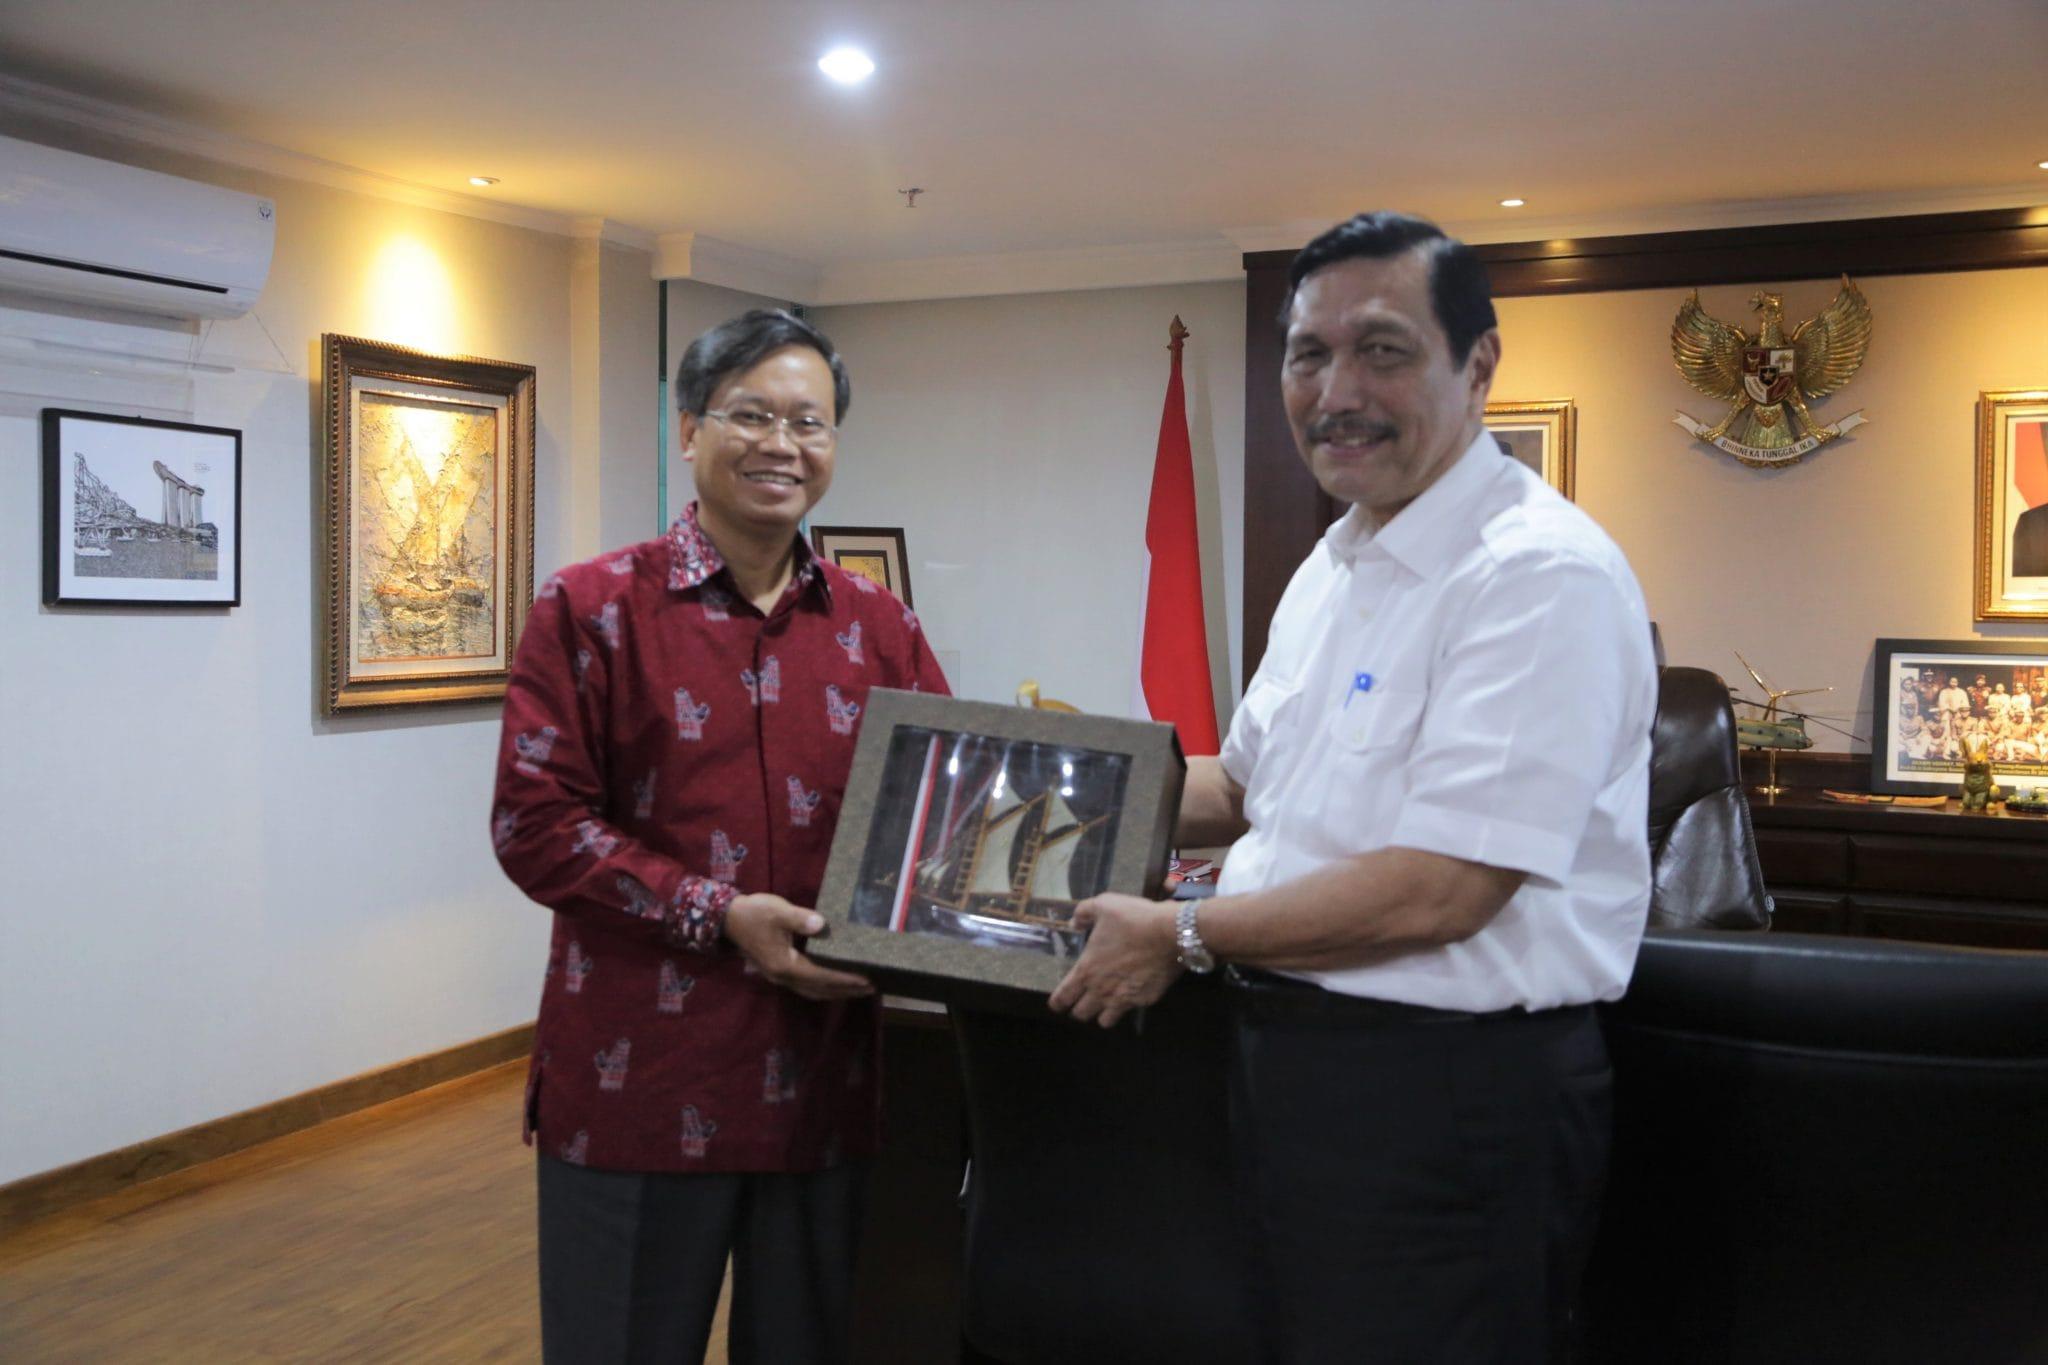 Menko Luhut Rapat Bersama Dubes Vietnam Untuk Indonesia di Kantor Maritim